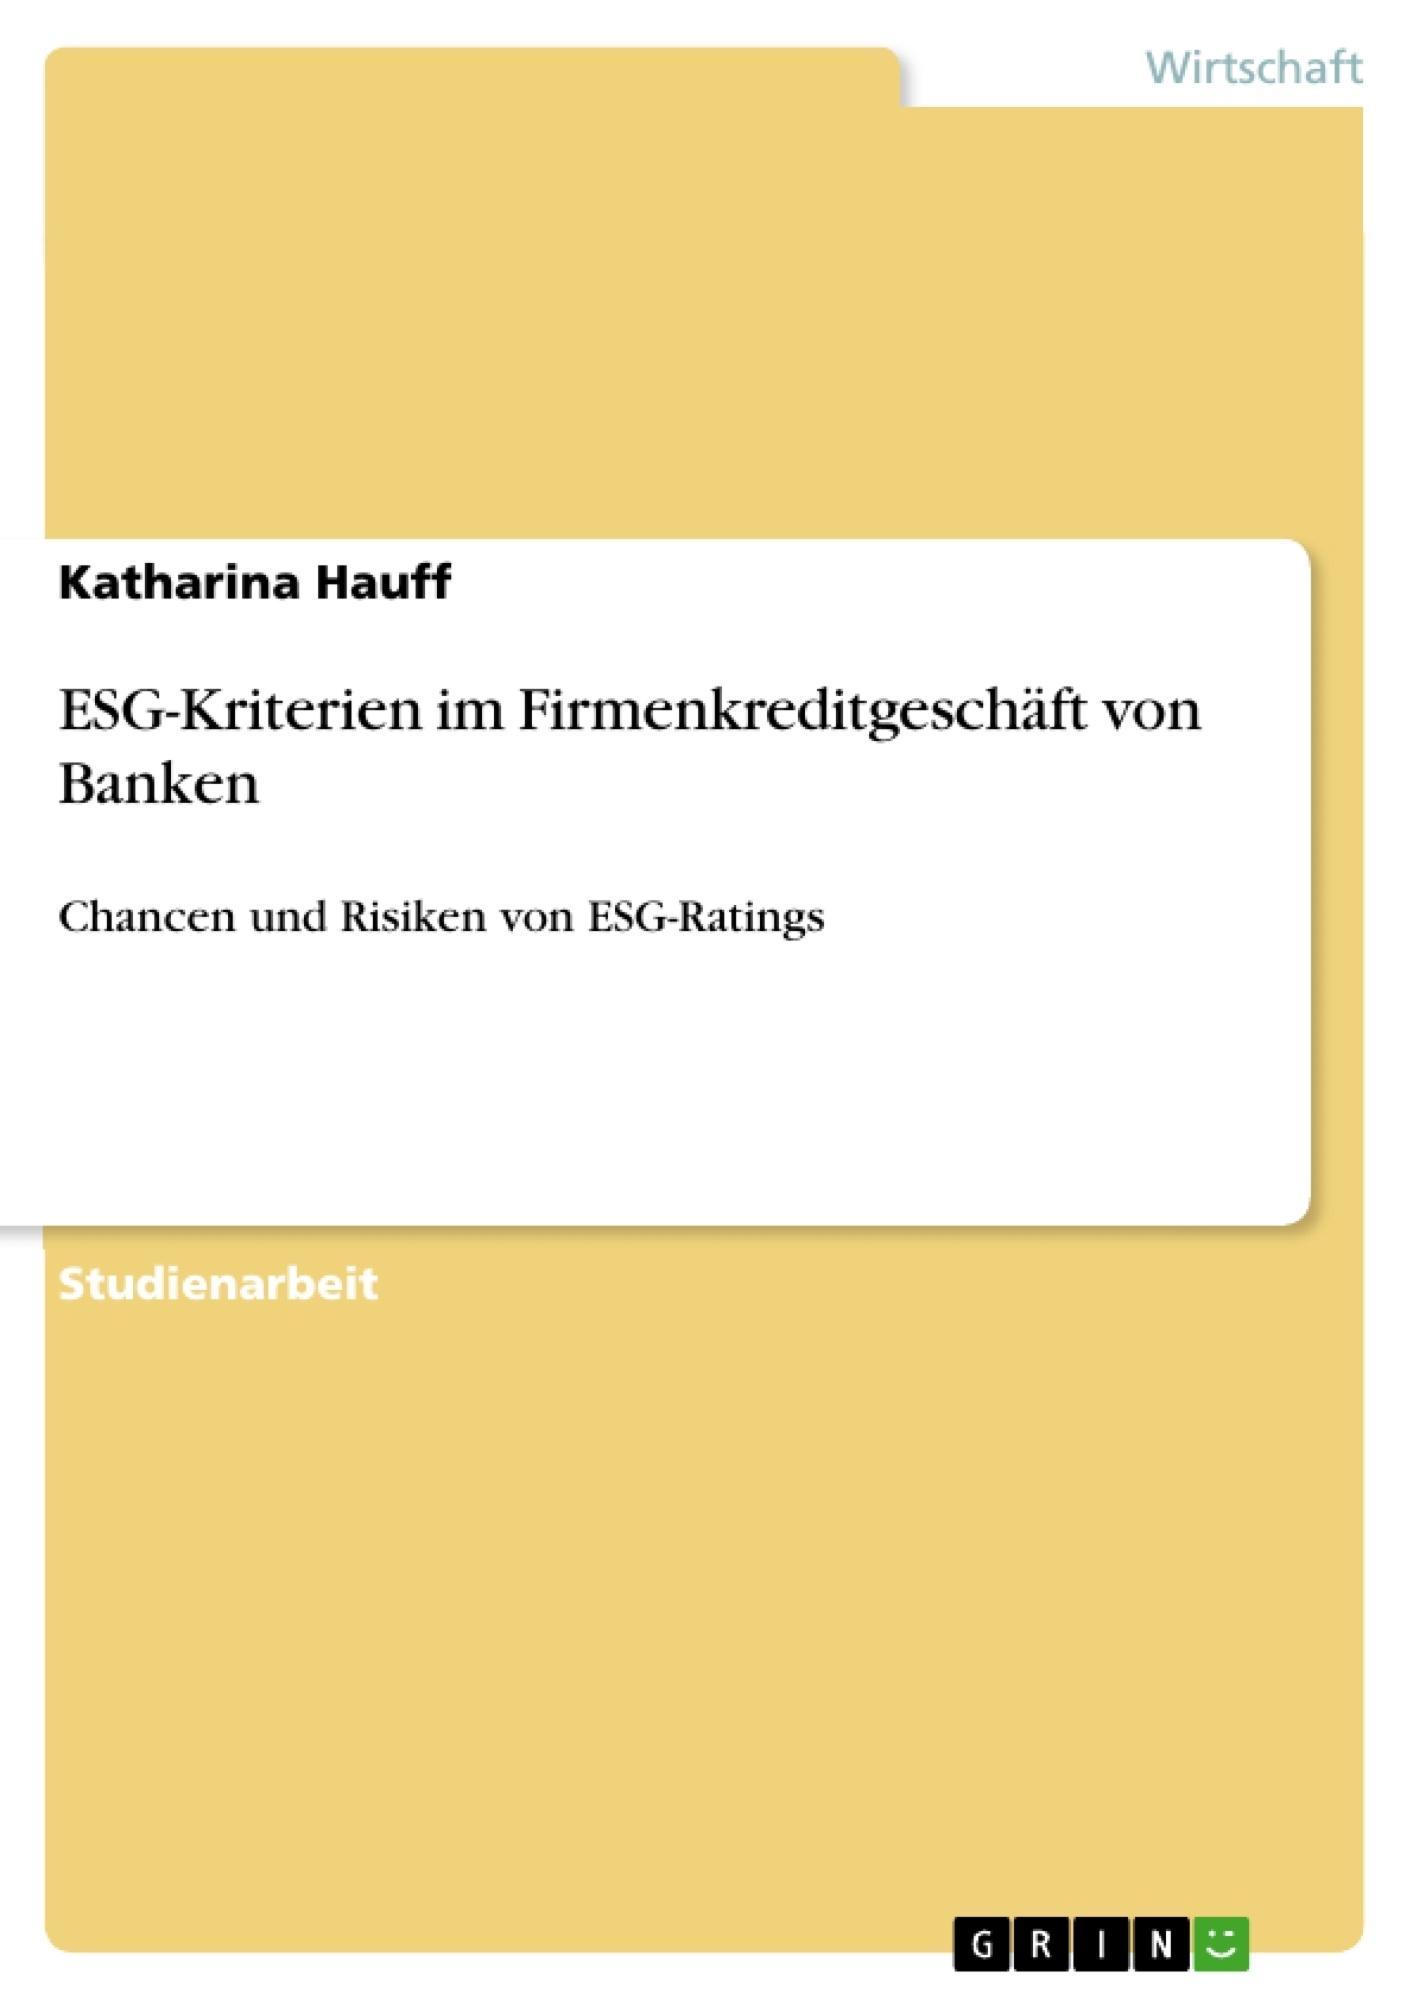 Titel: ESG-Kriterien im Firmenkreditgeschäft von Banken